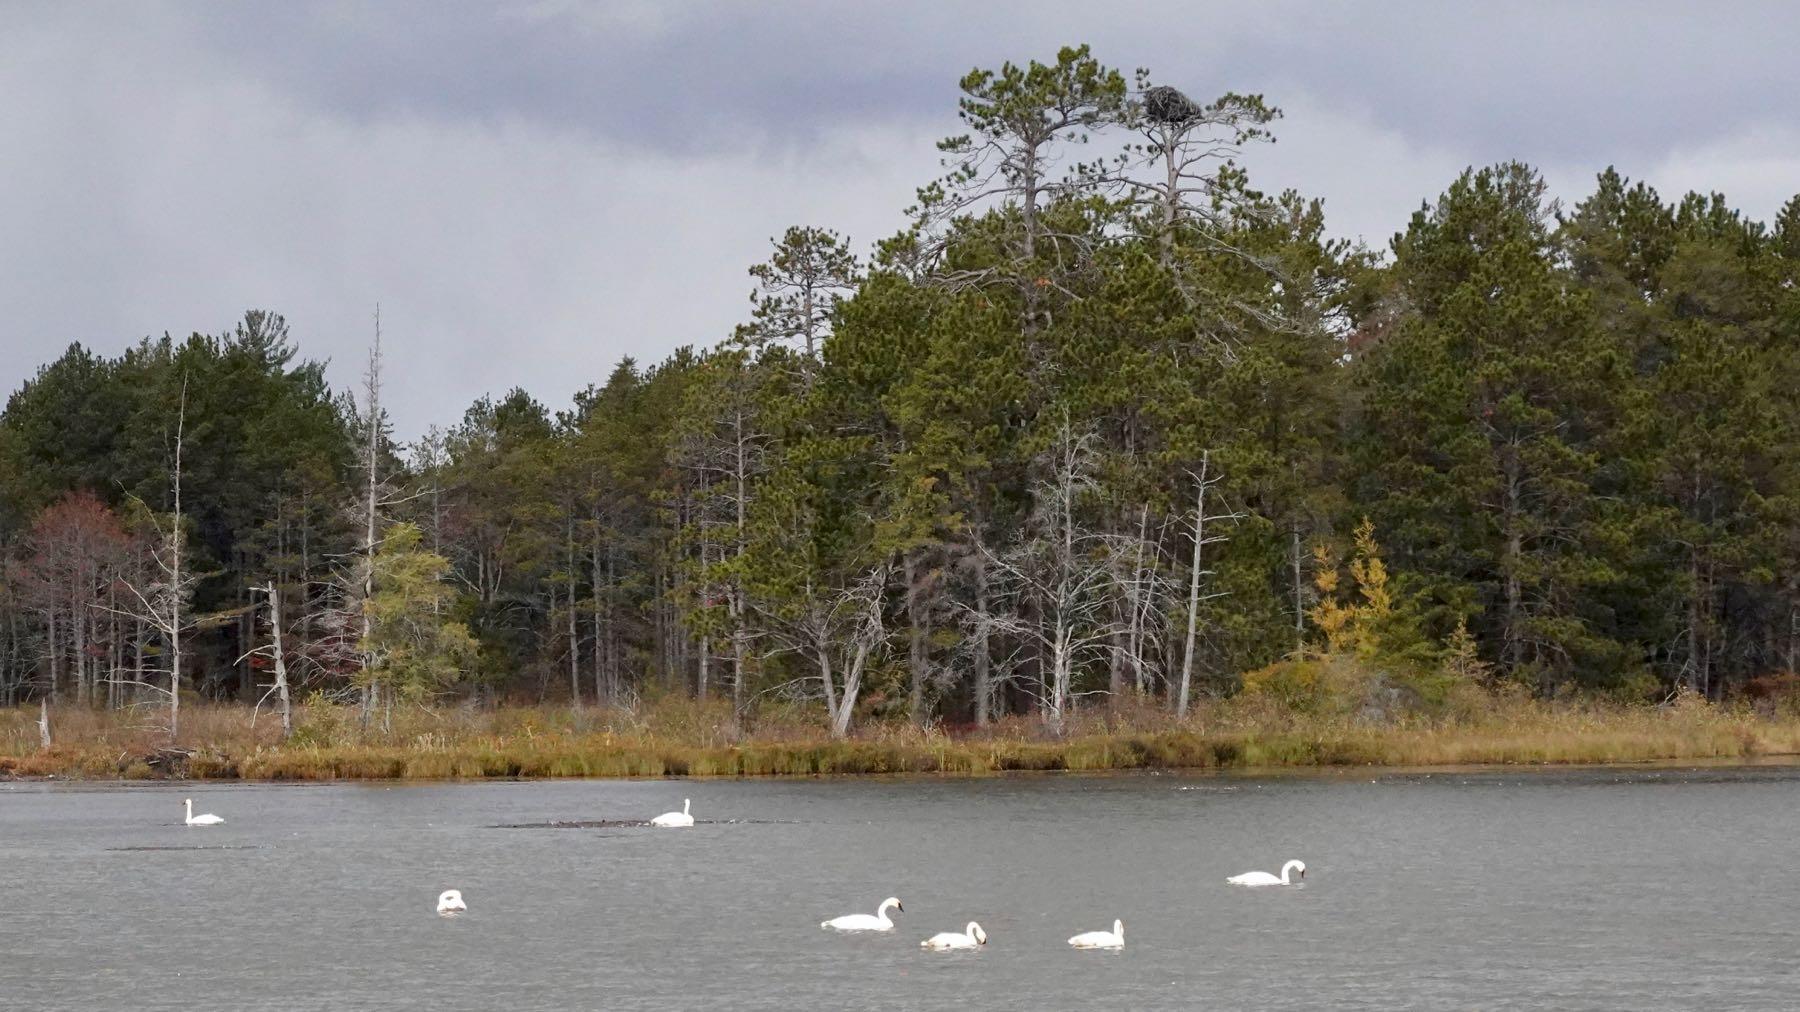 Refuge swans